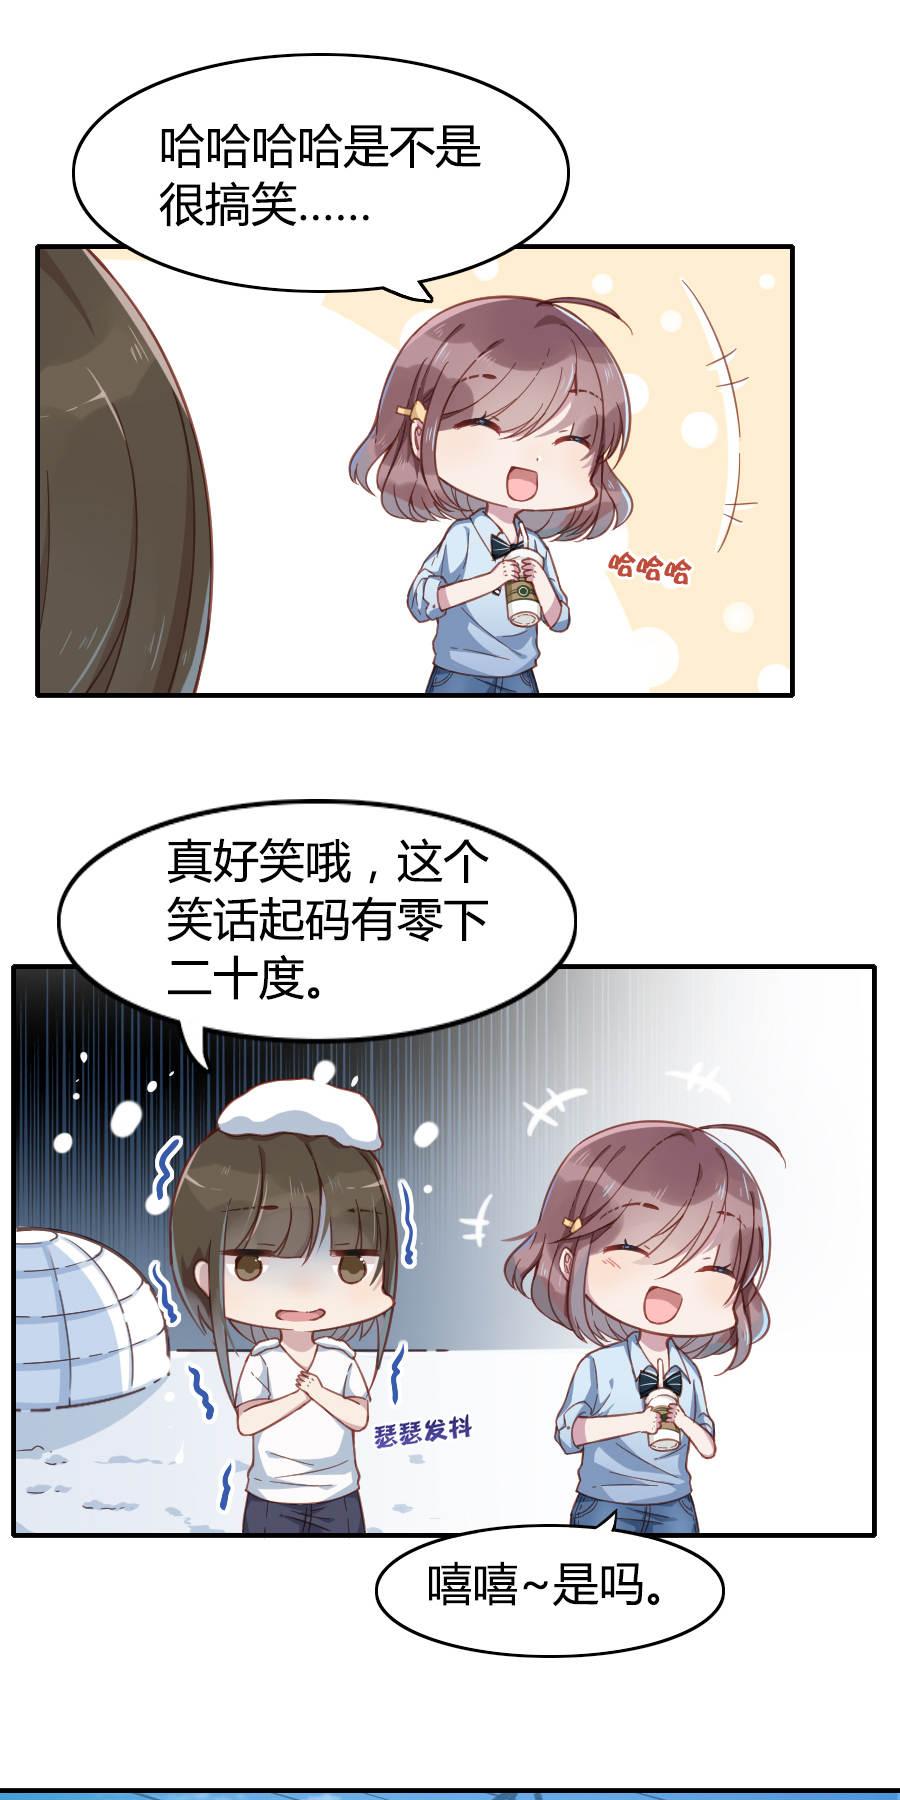 少年游第10话  麋鹿呀麋鹿 柚子柚子!! 第 4